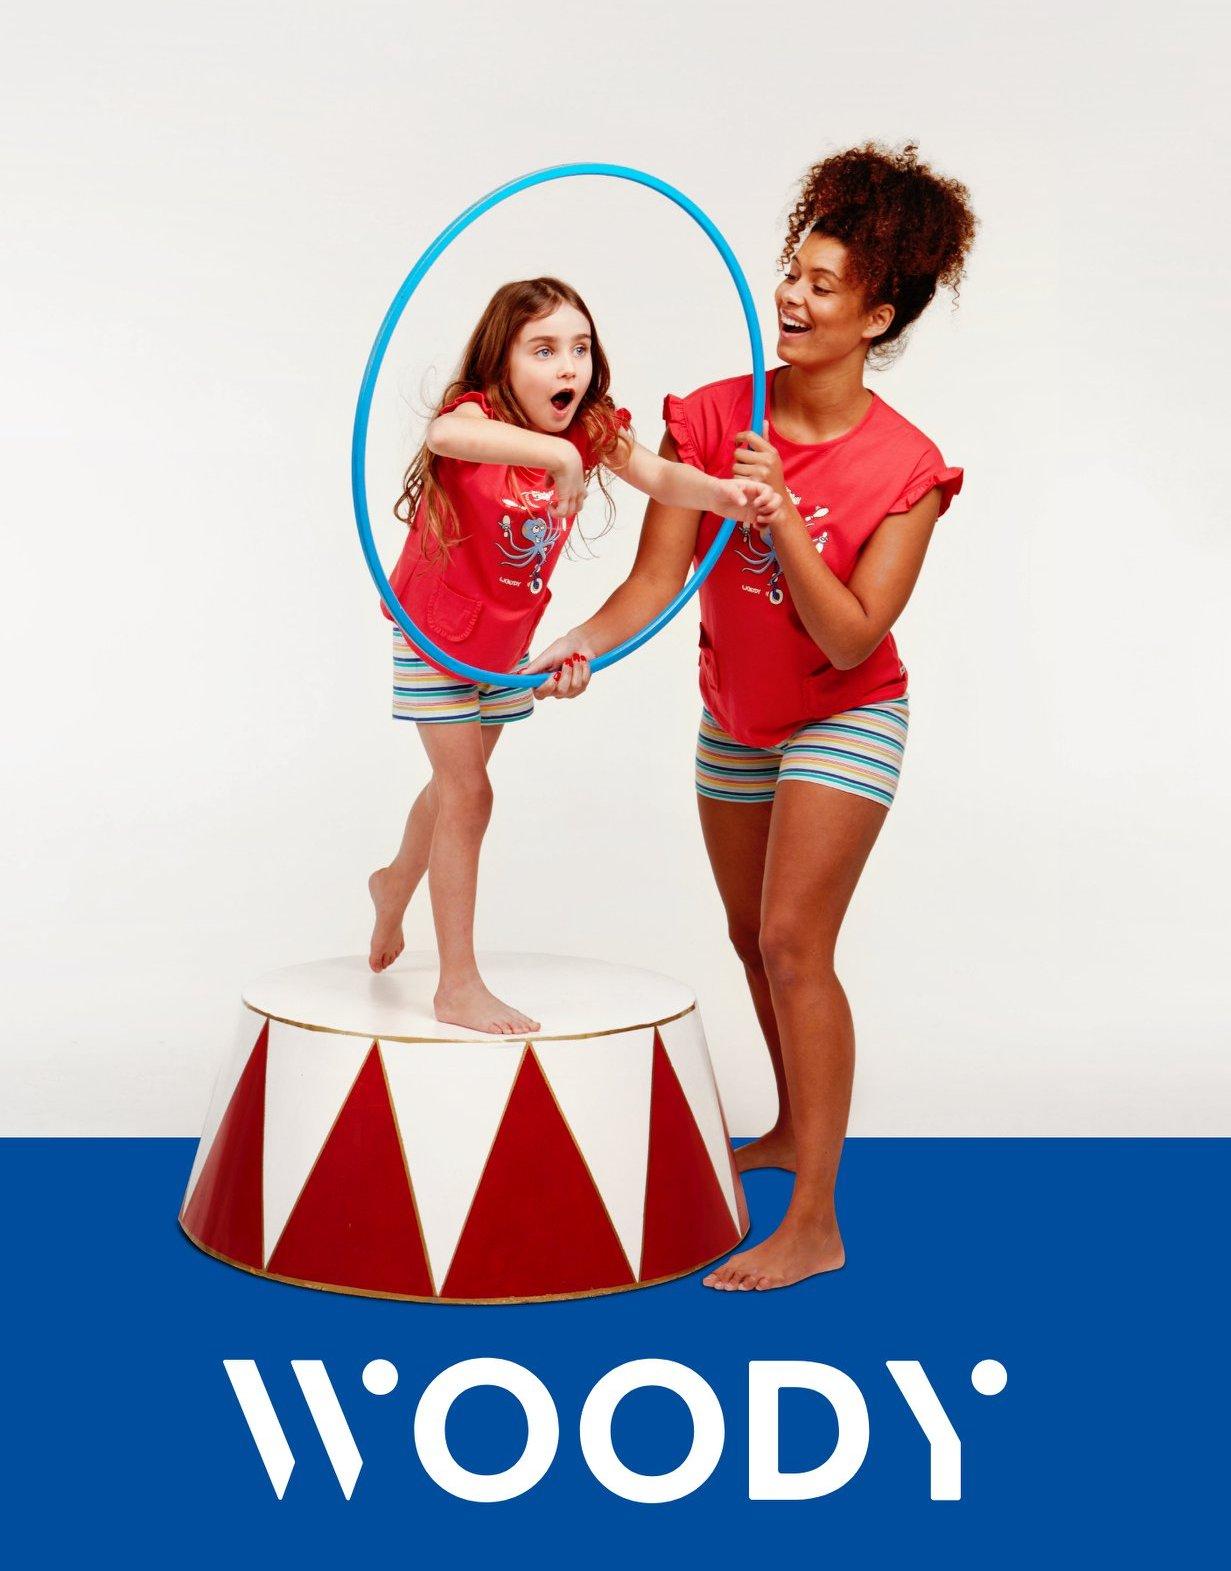 Woody voor dames, heren en kinderen